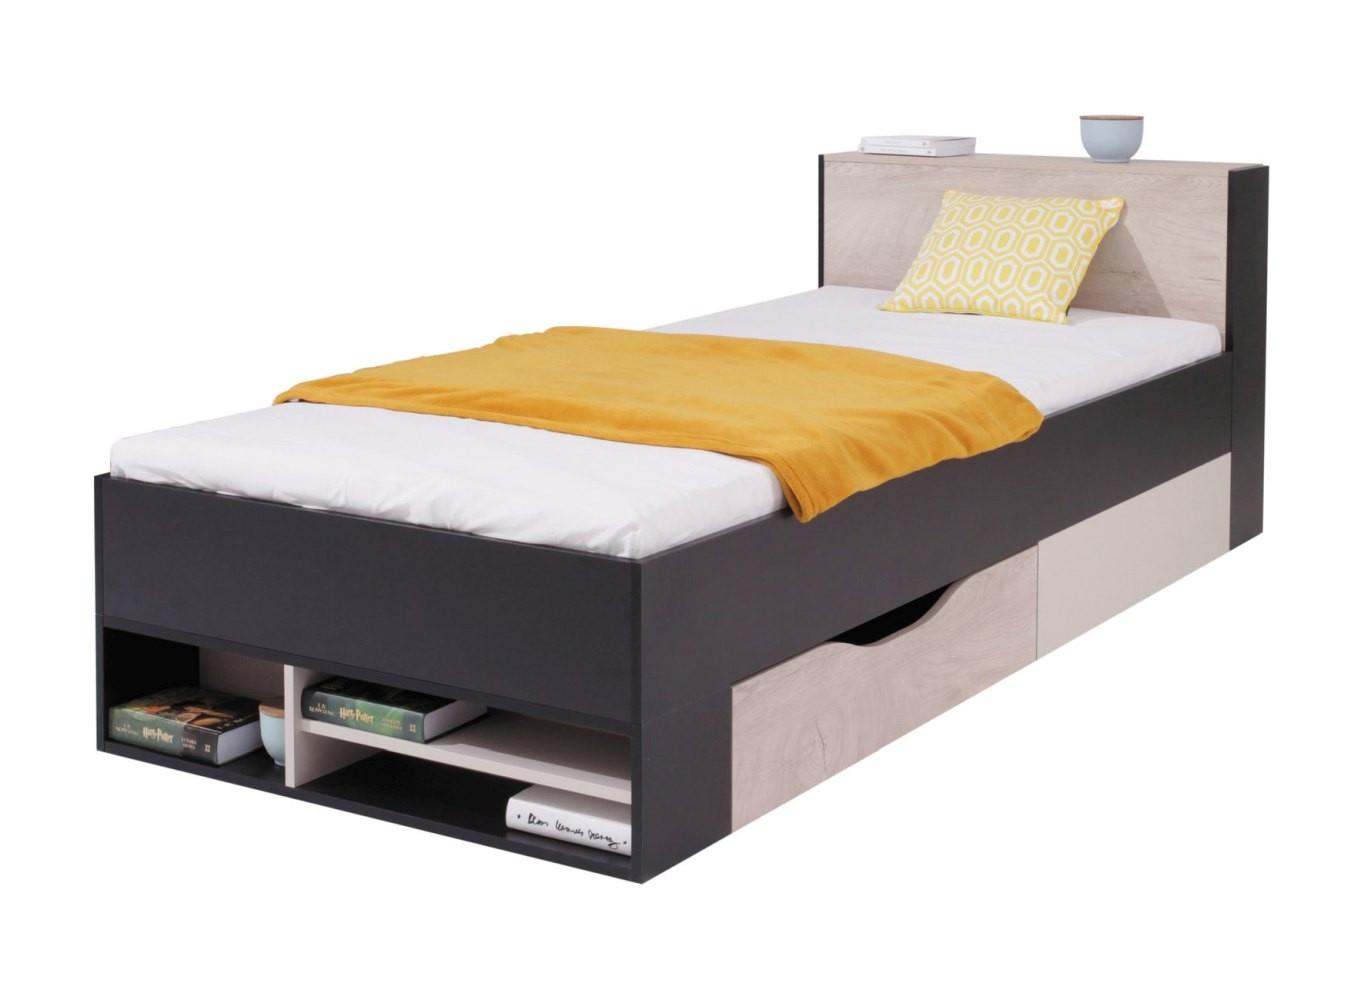 Full Size of Babybett Schwarz Schwarze Küche Bett 180x200 Weiß Schwarzes Wohnzimmer Babybett Schwarz